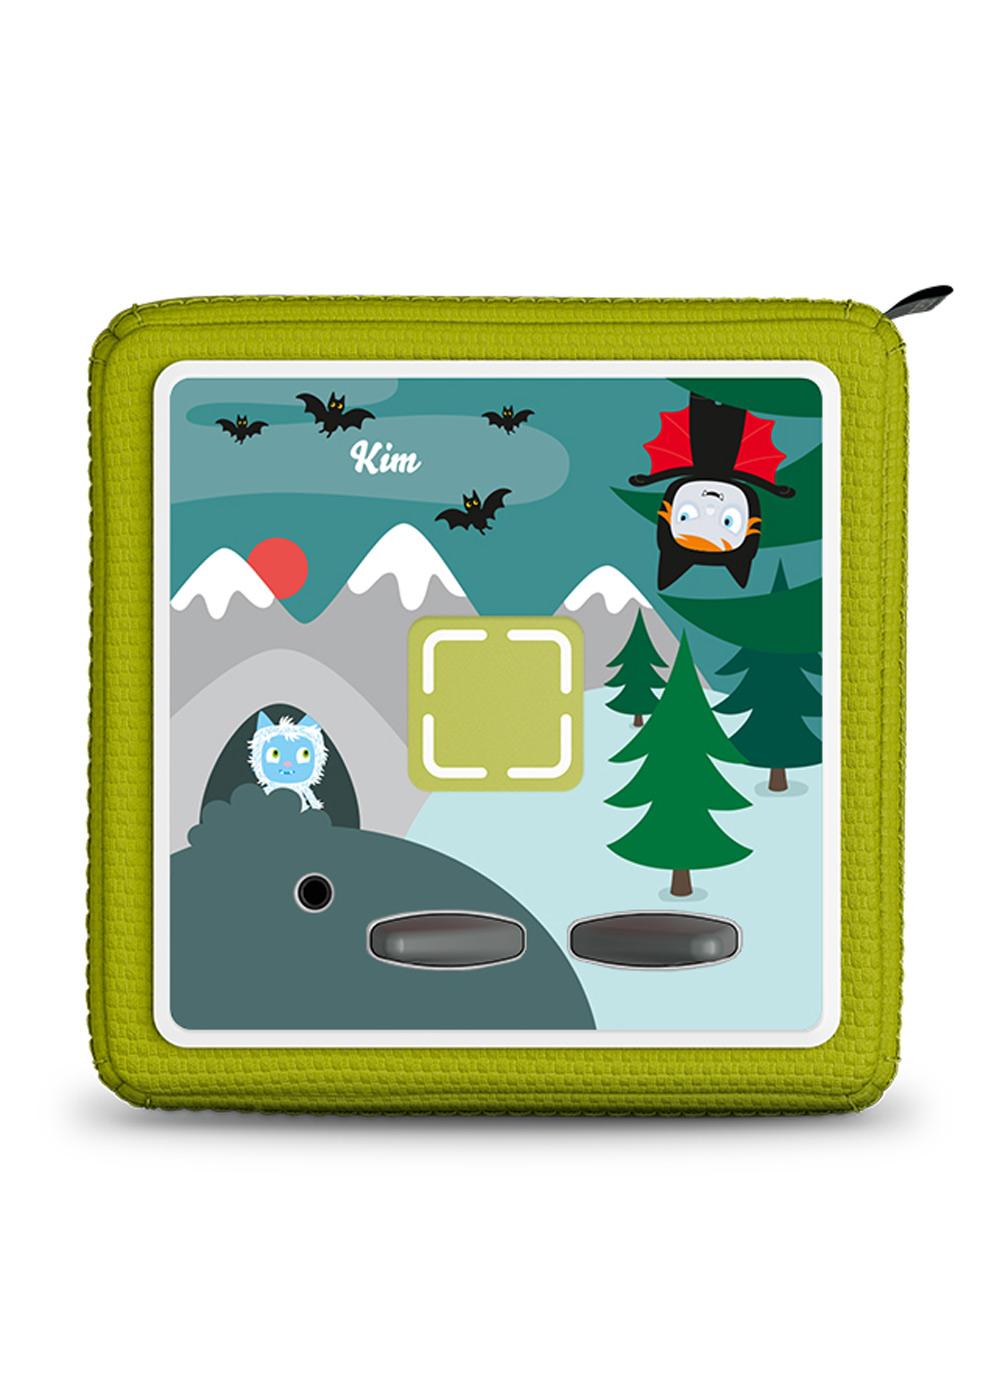 dekofolie toniebox magischer berg personalisiert kindername 1